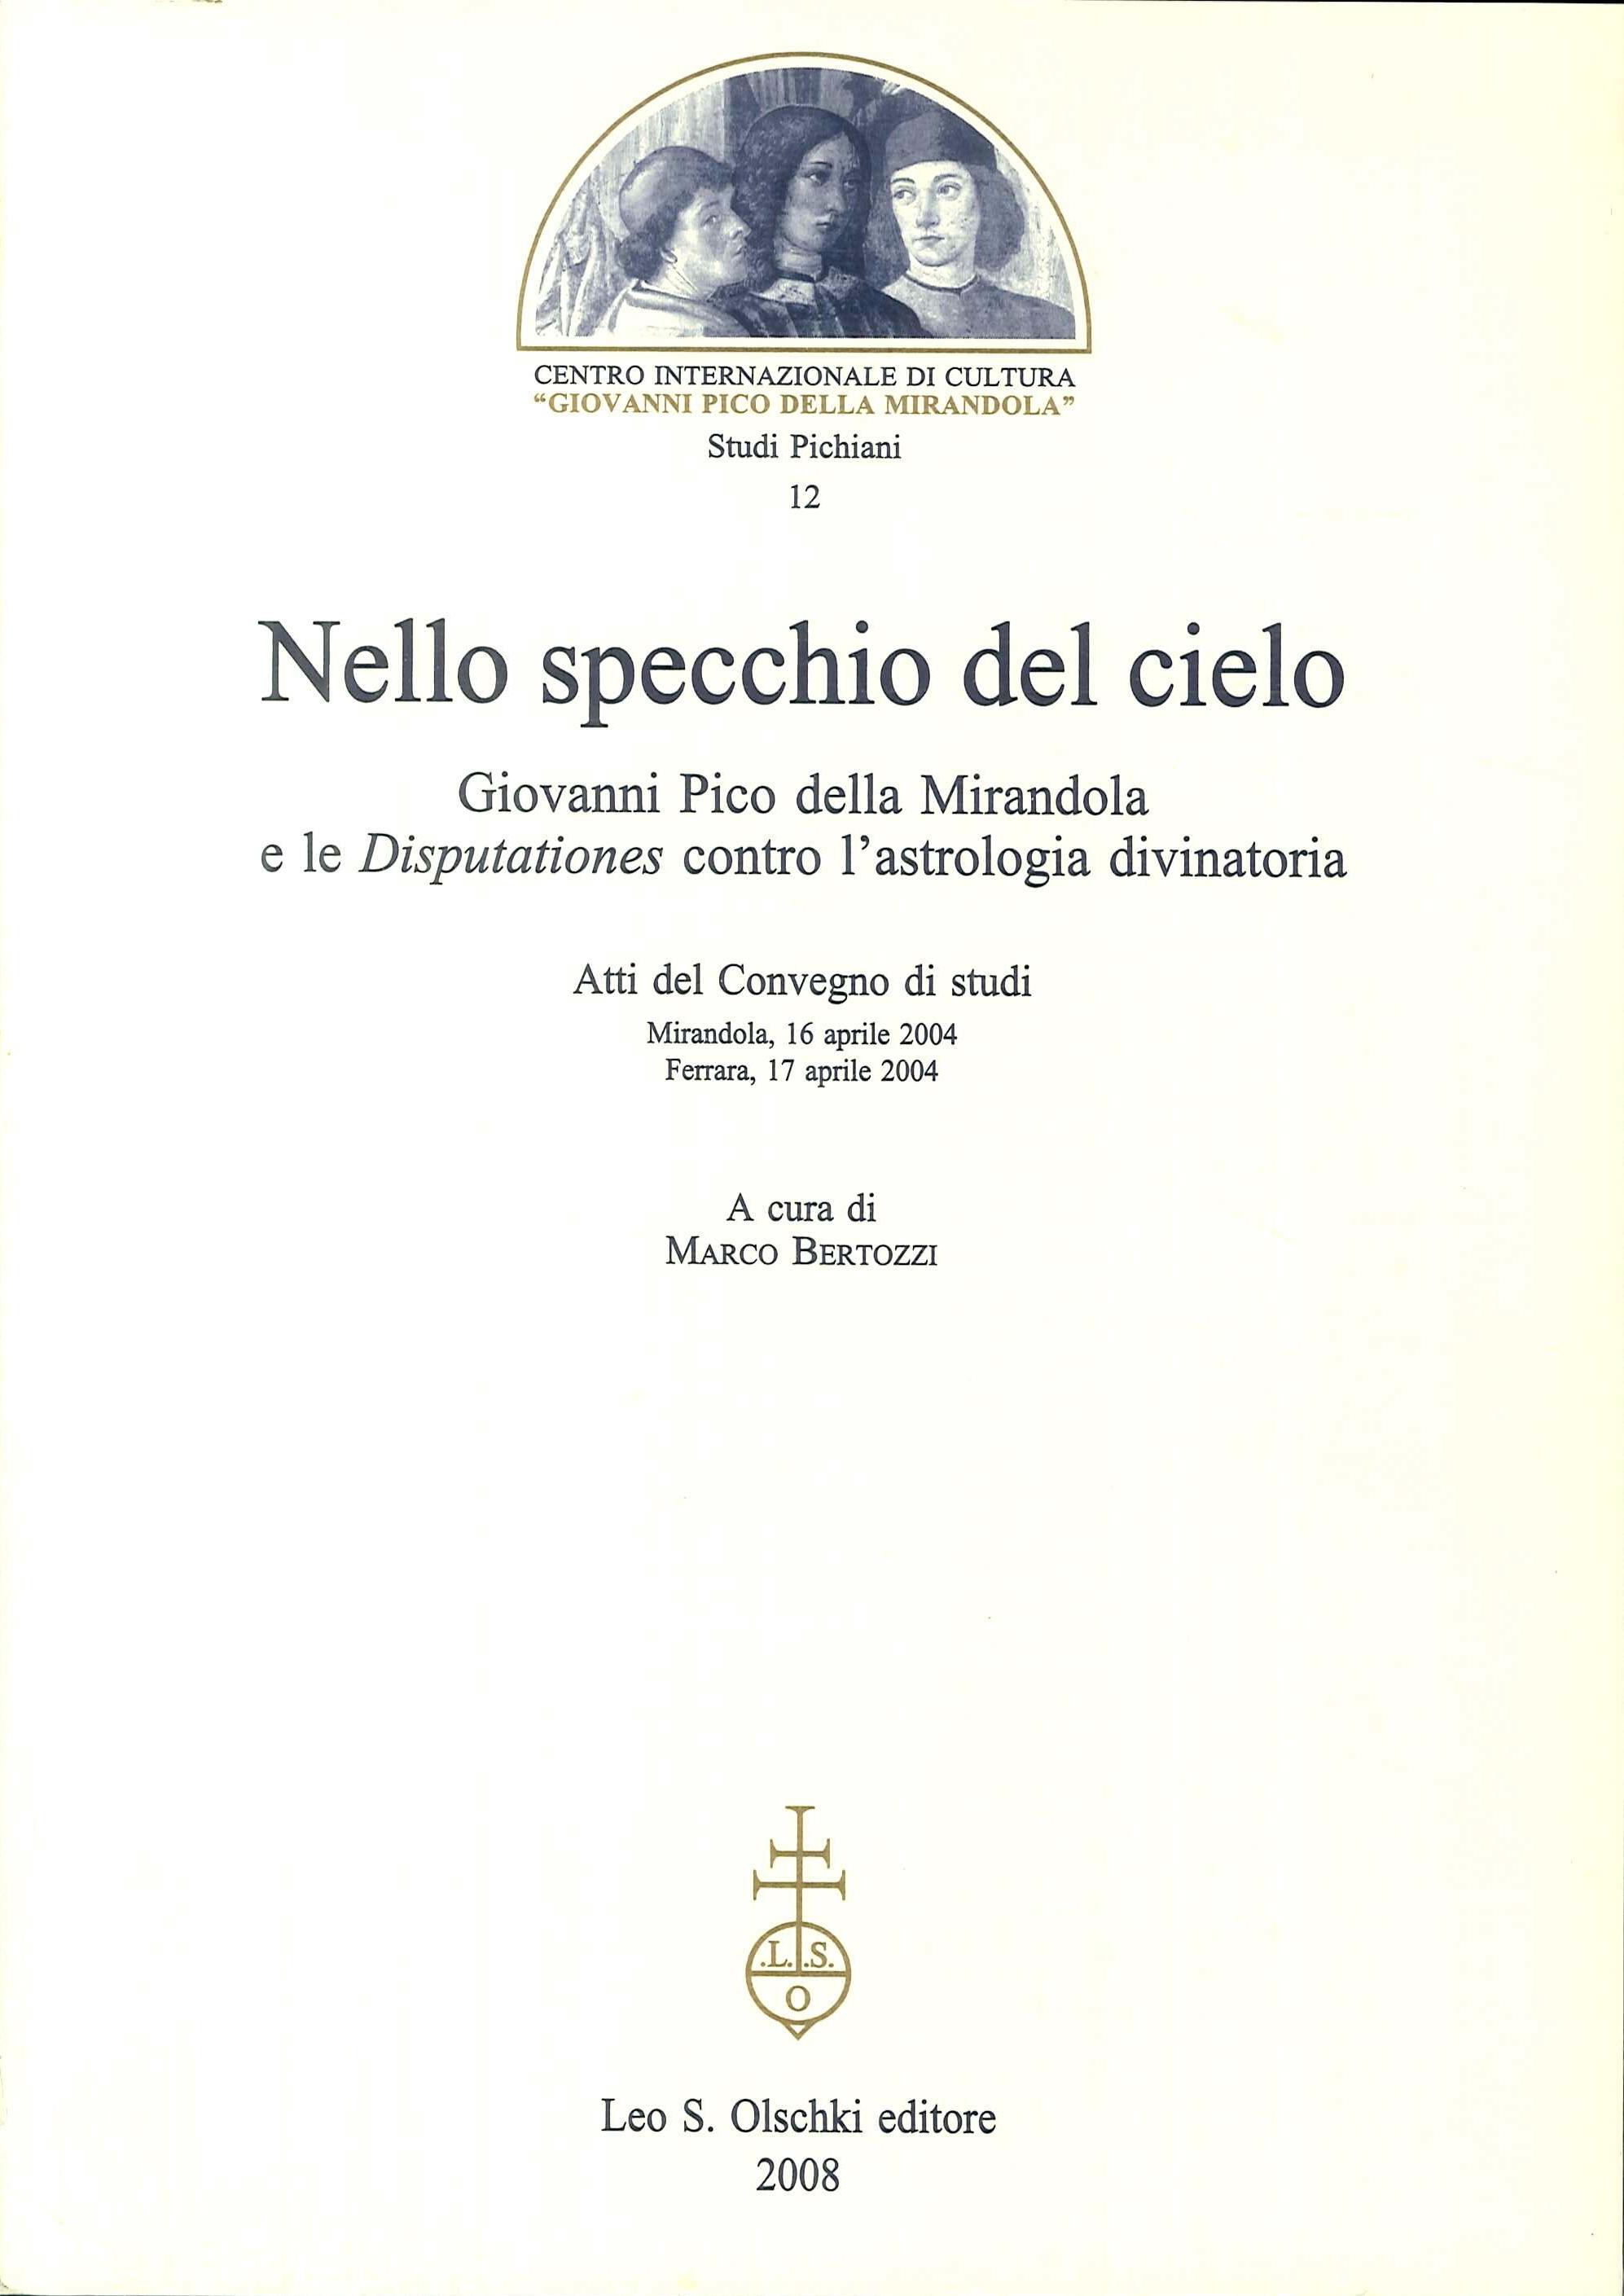 Nello specchio del cielo. Giovanni Pico della Mirandola e le Disputationes contro l'astrologia divinatoria. Atti del Convegno di studi (aprile 2004).